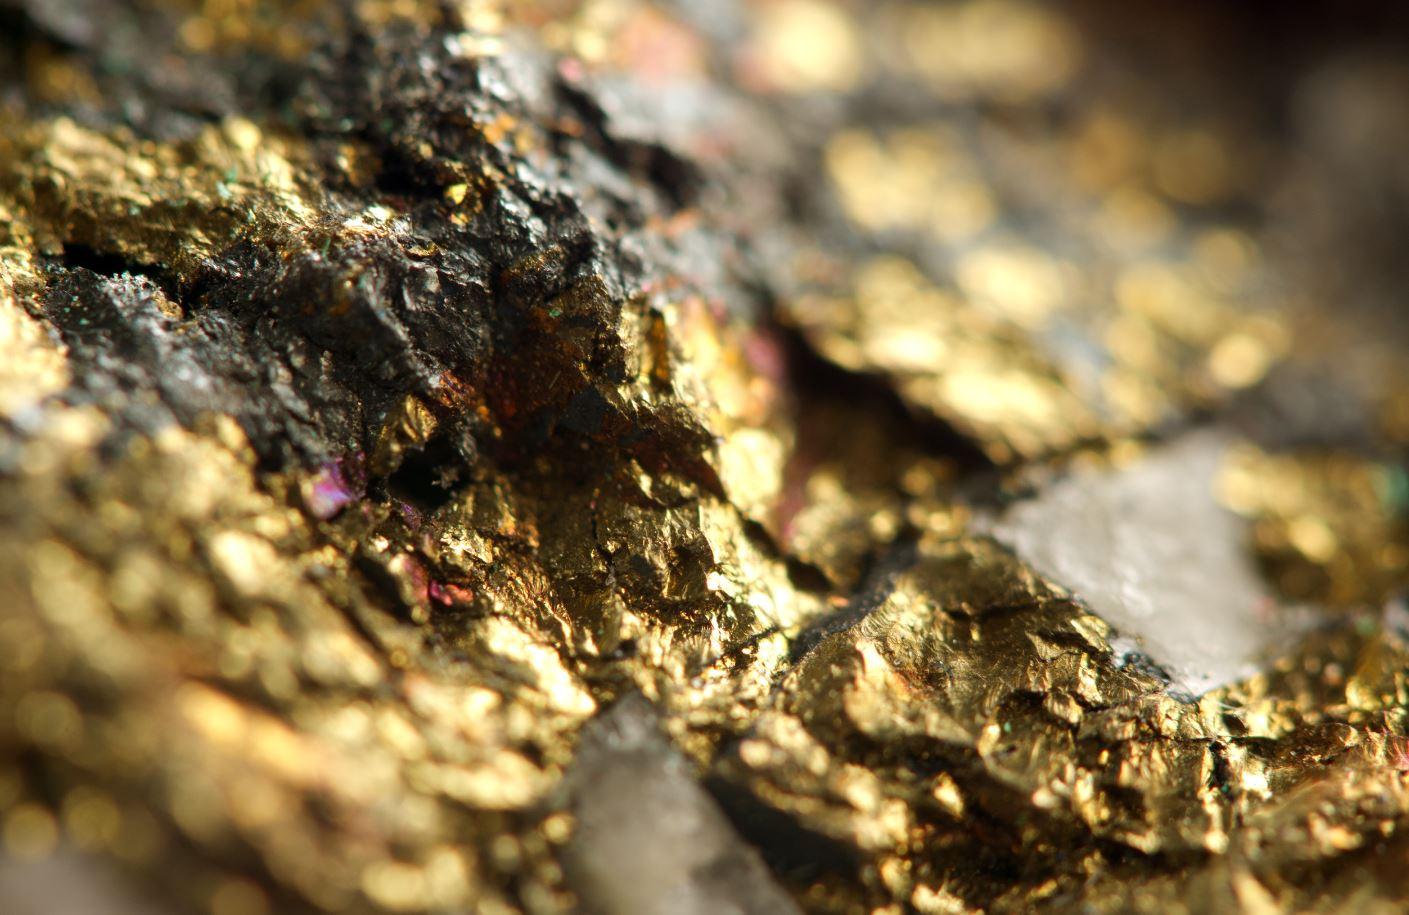 Un primer plano satisfactorio de un mineral de oro en bruto.